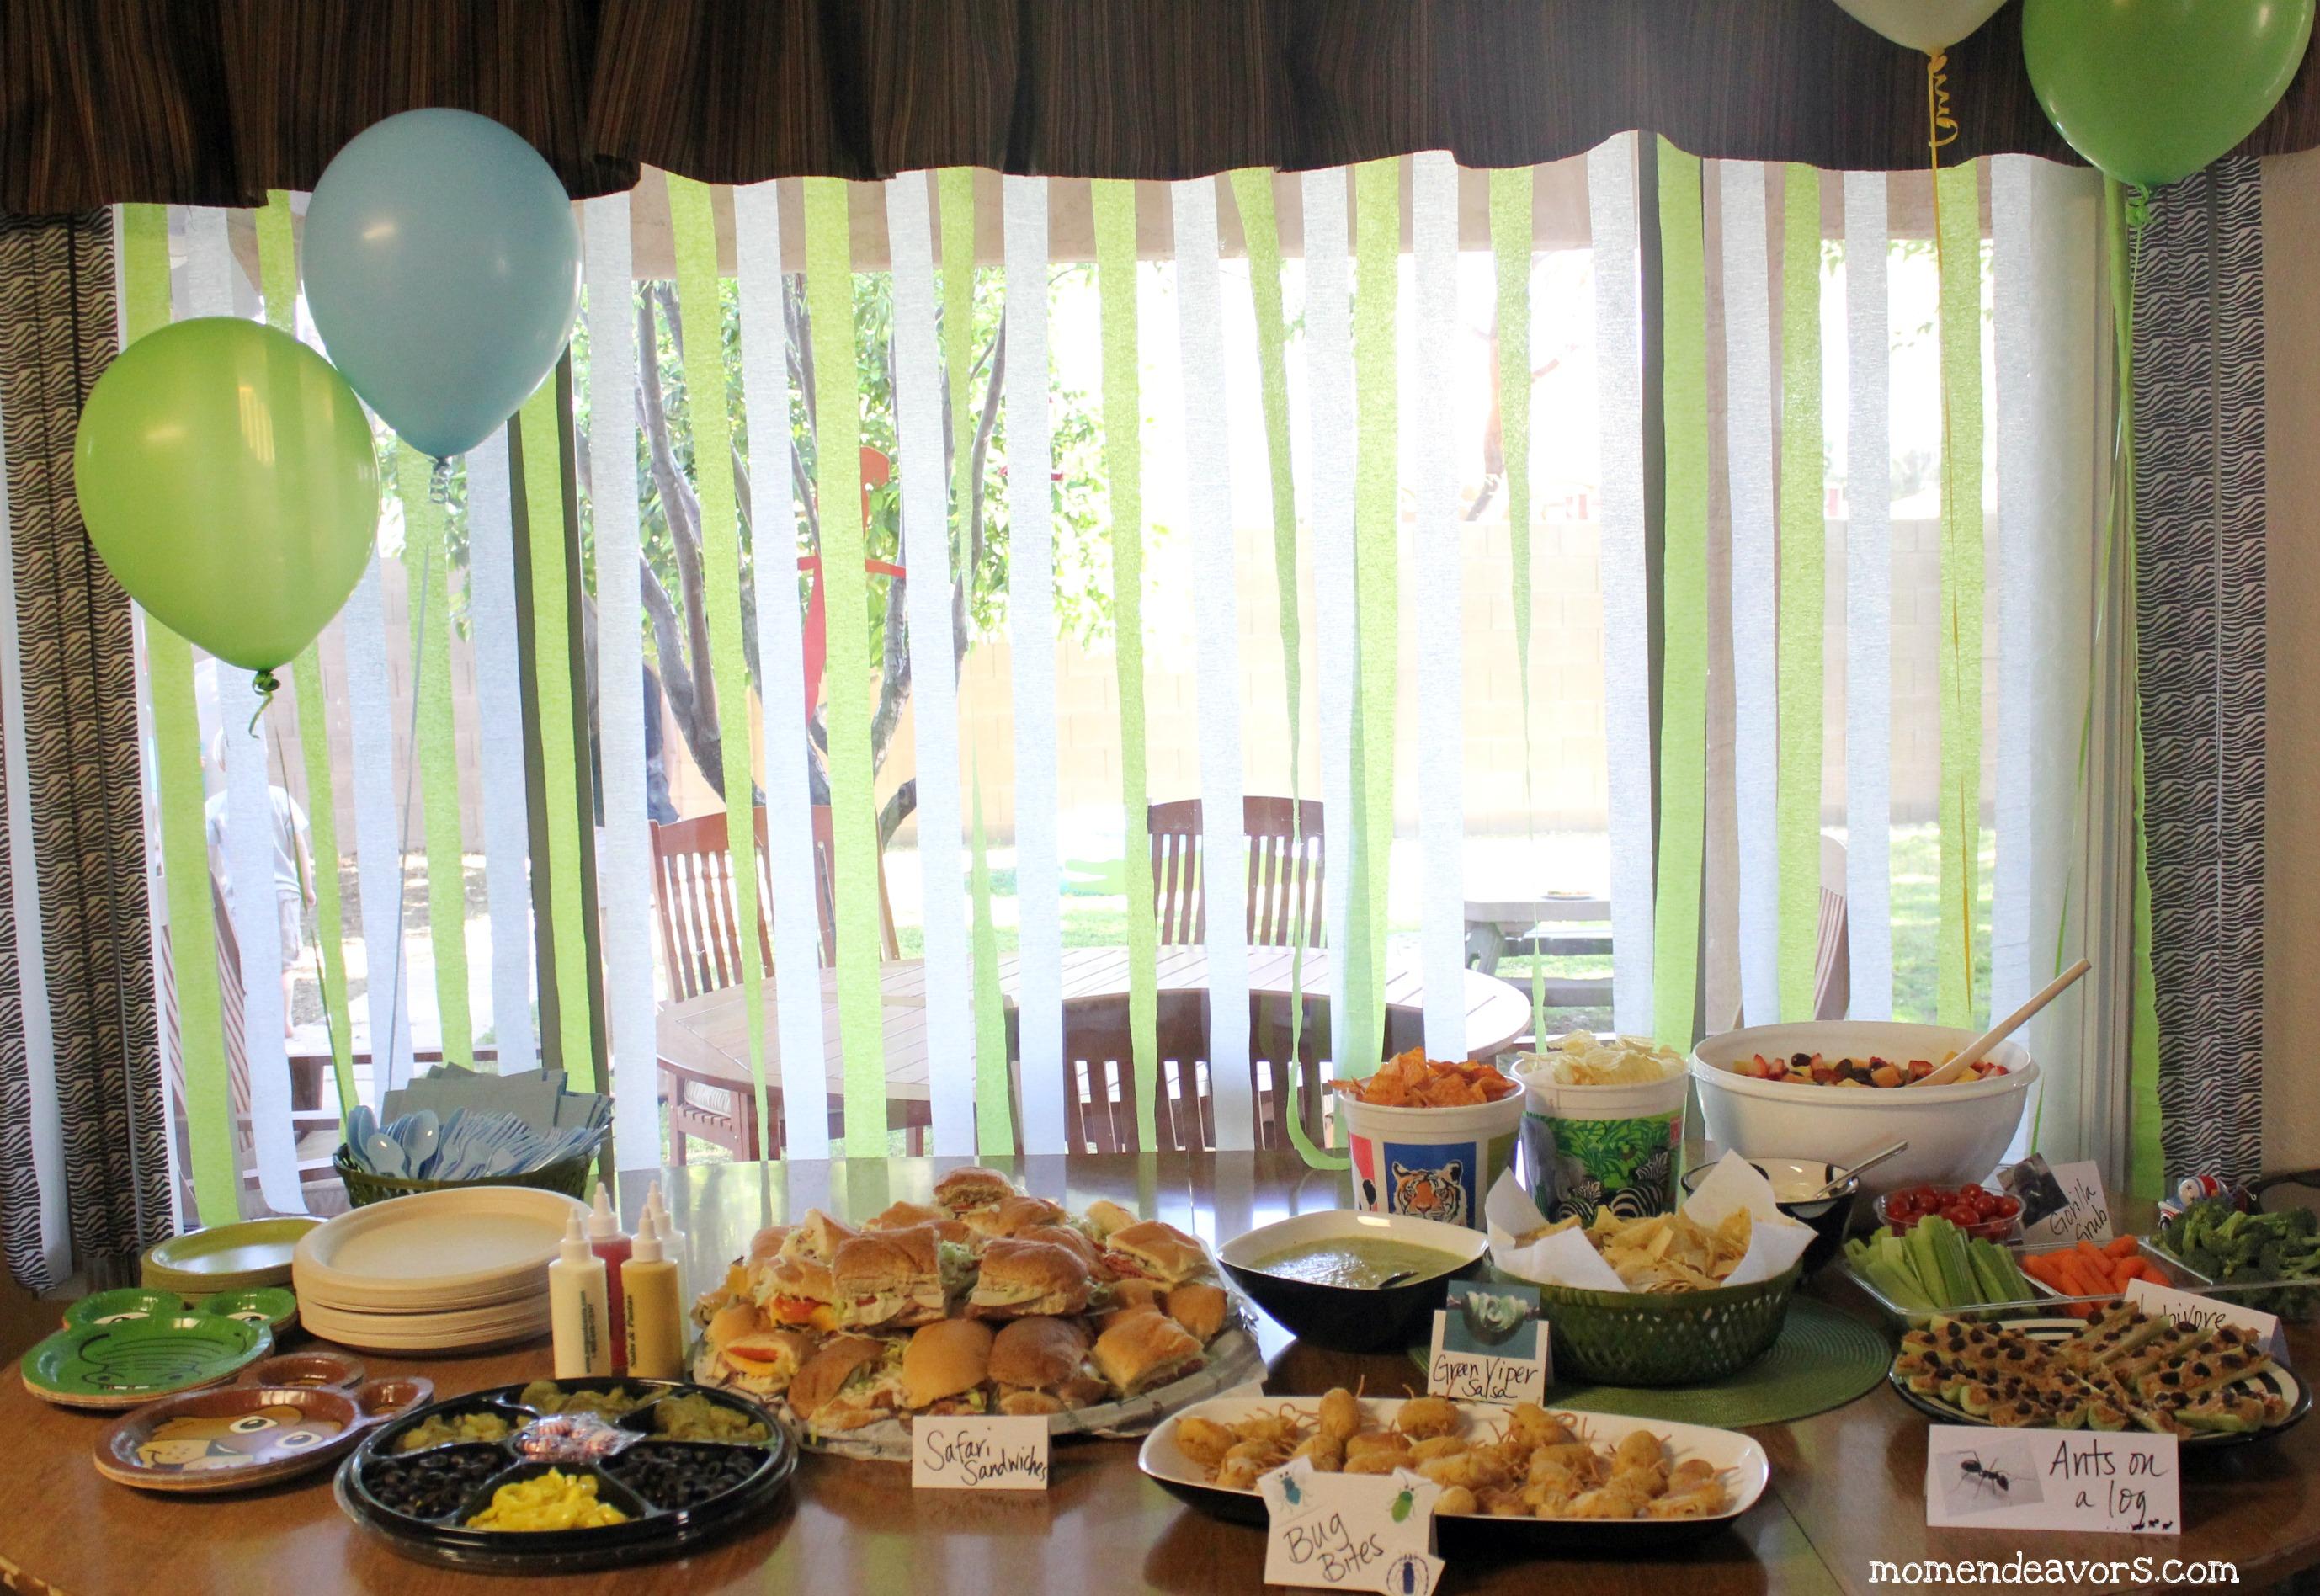 Wild Kratts Food Table